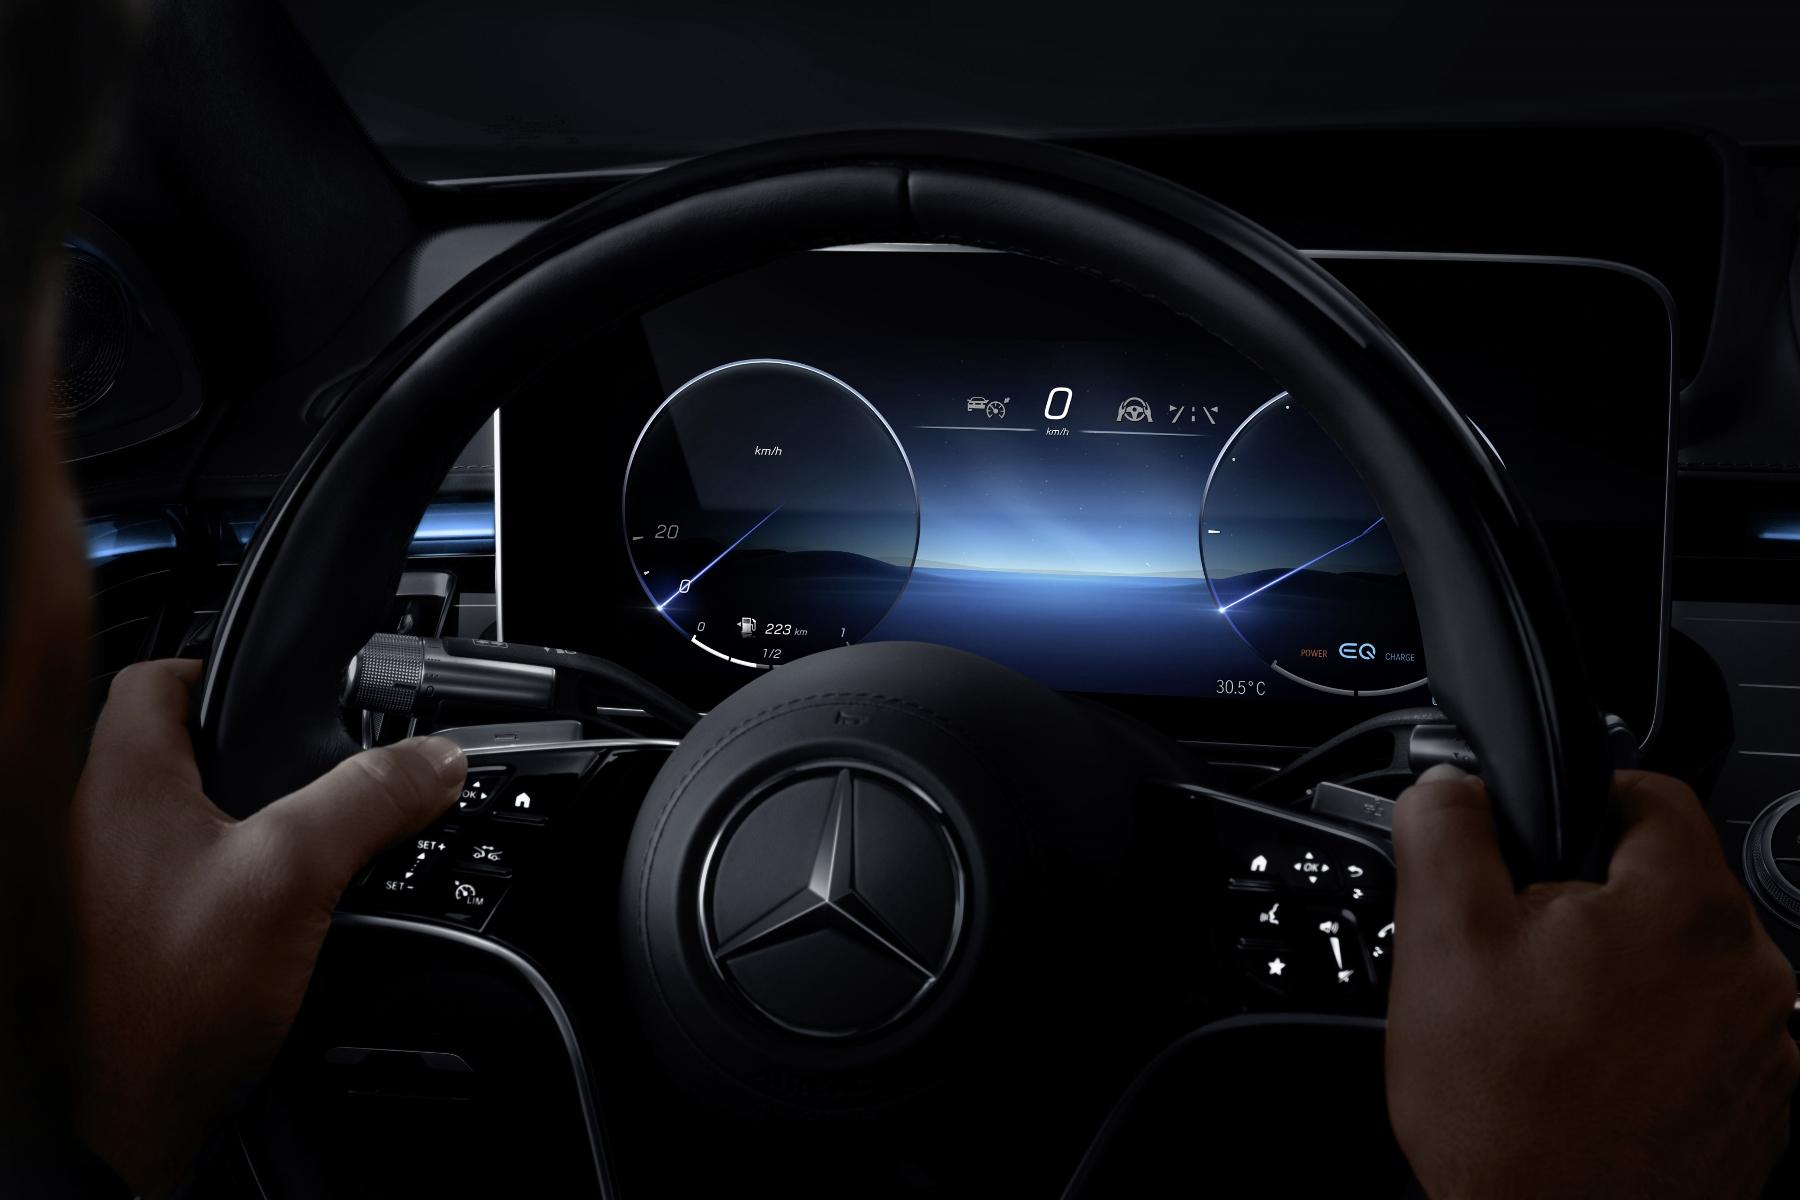 Mercedes triedy S dostane 3D displej a množstvo nových technológií Ogt0wEPicU mercedes-s-4